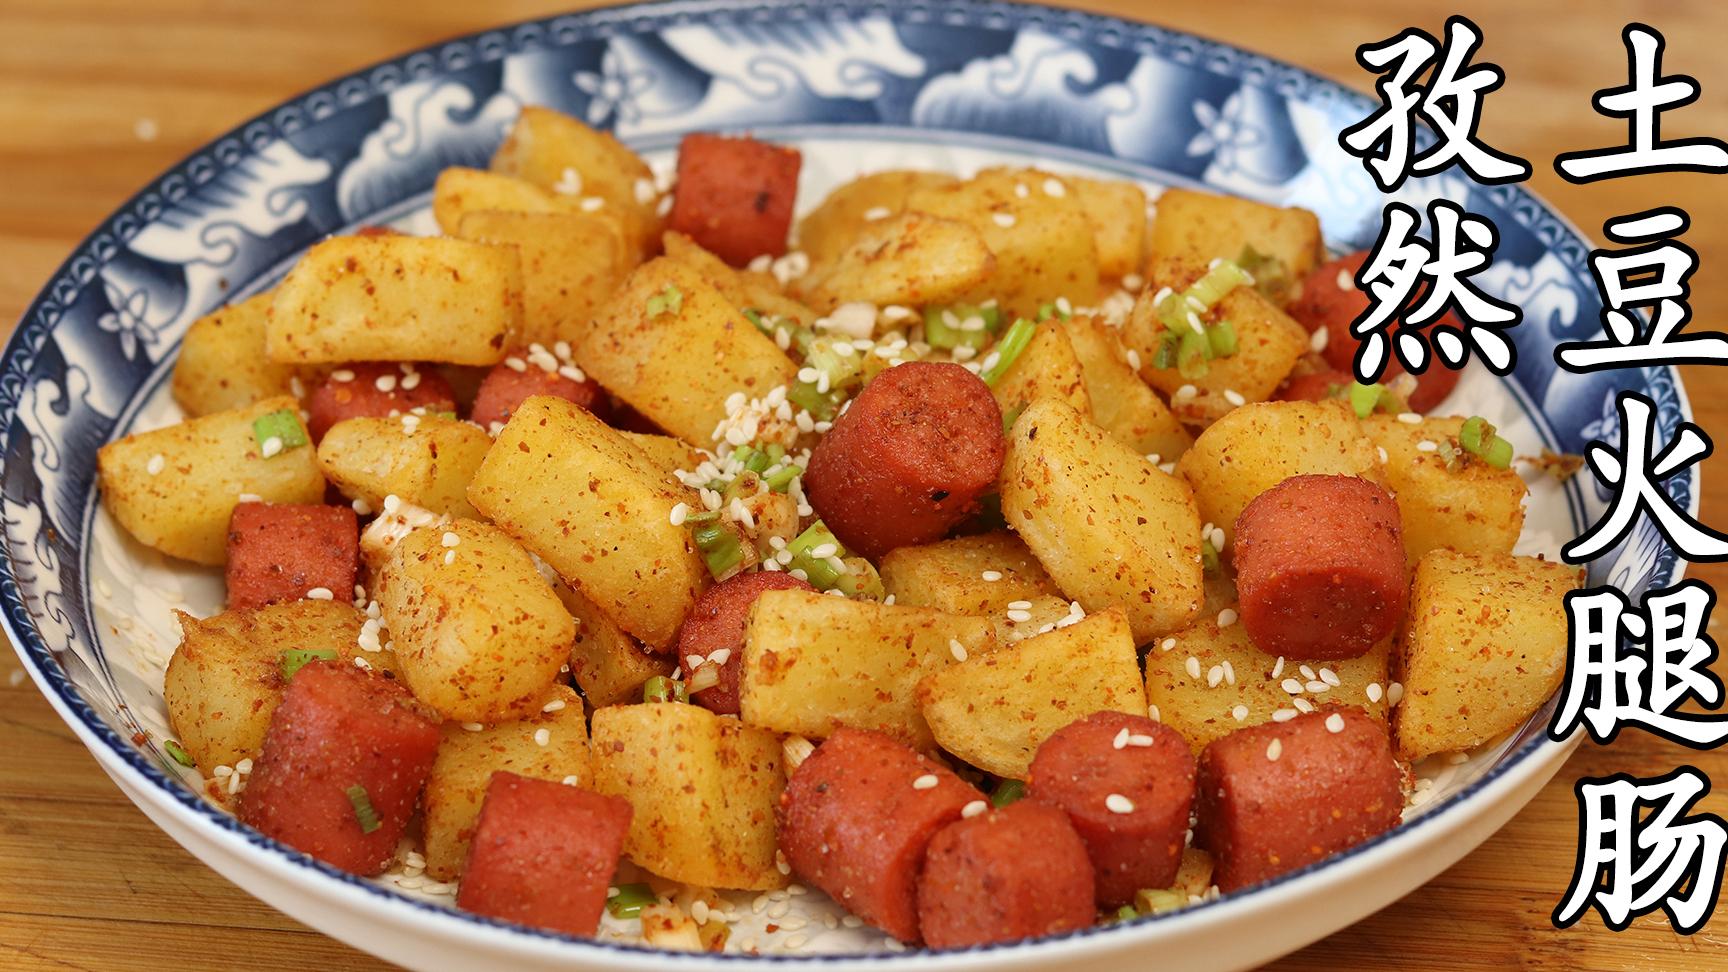 土豆里加2根火腿肠,不炒不蒸不油炸,简单一做,比吃肉还香